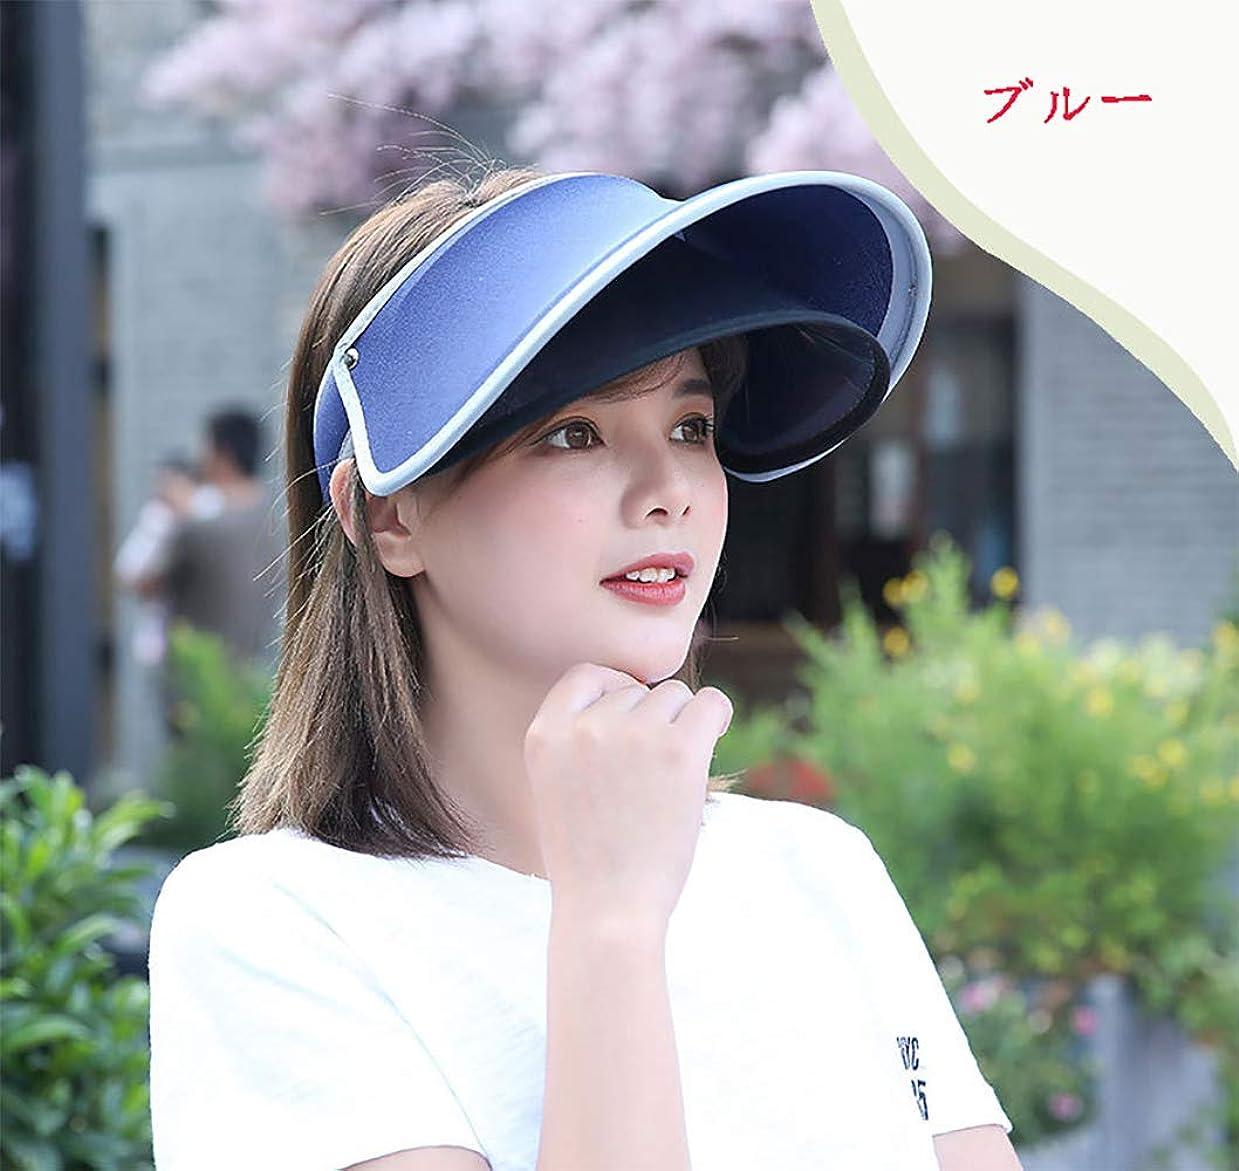 日没取得会話HaoZhiltd UVカット サンバイザー 2重構造 5色! つば広 帽子 ワイド フルフェイス 日よけ 雨よけ 紫外線 対策 日焼け対策 レインクリアバイザー レディース